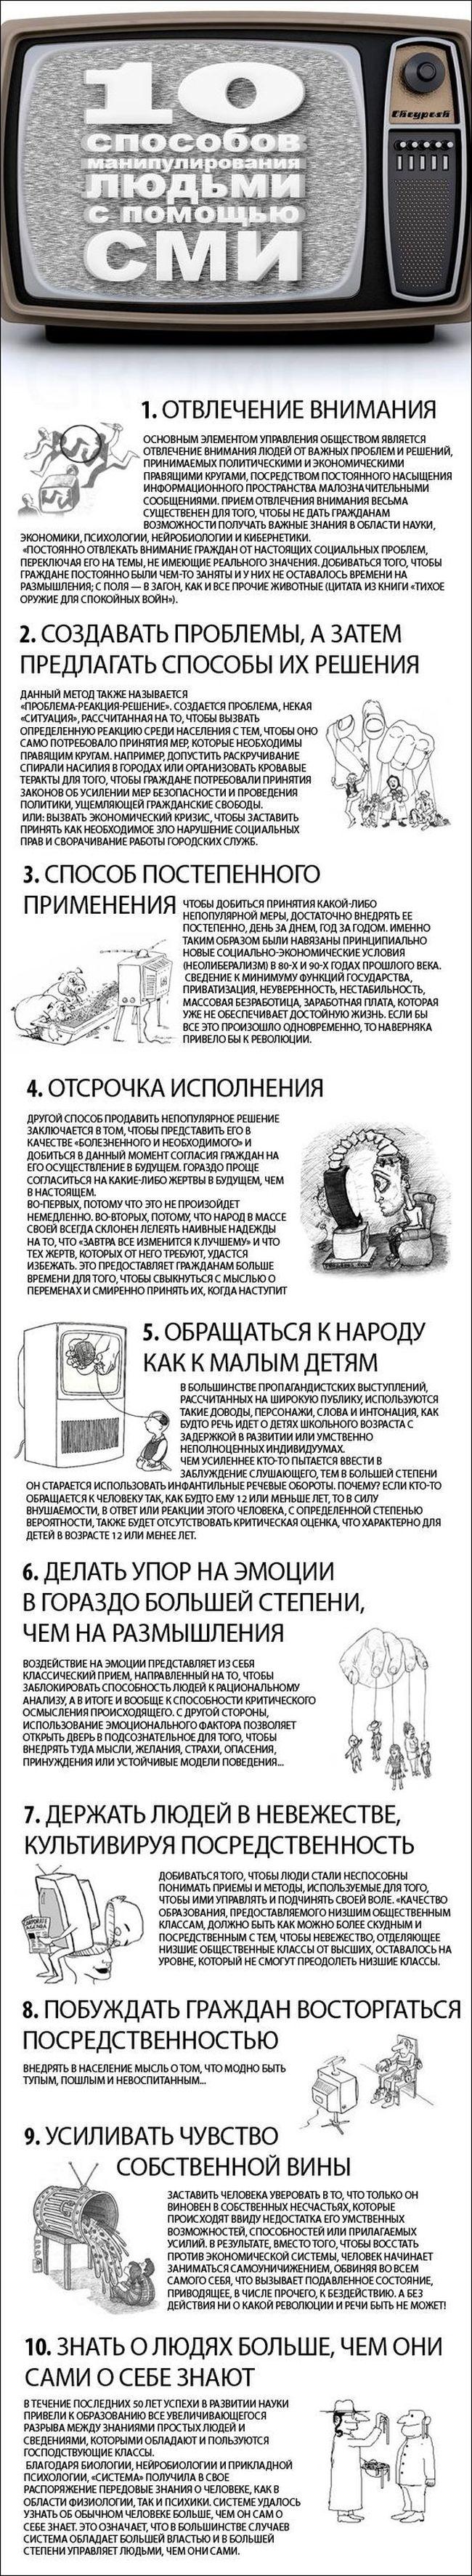 Способы манипуляции сознанием при помощи СМИ (1 картинка)